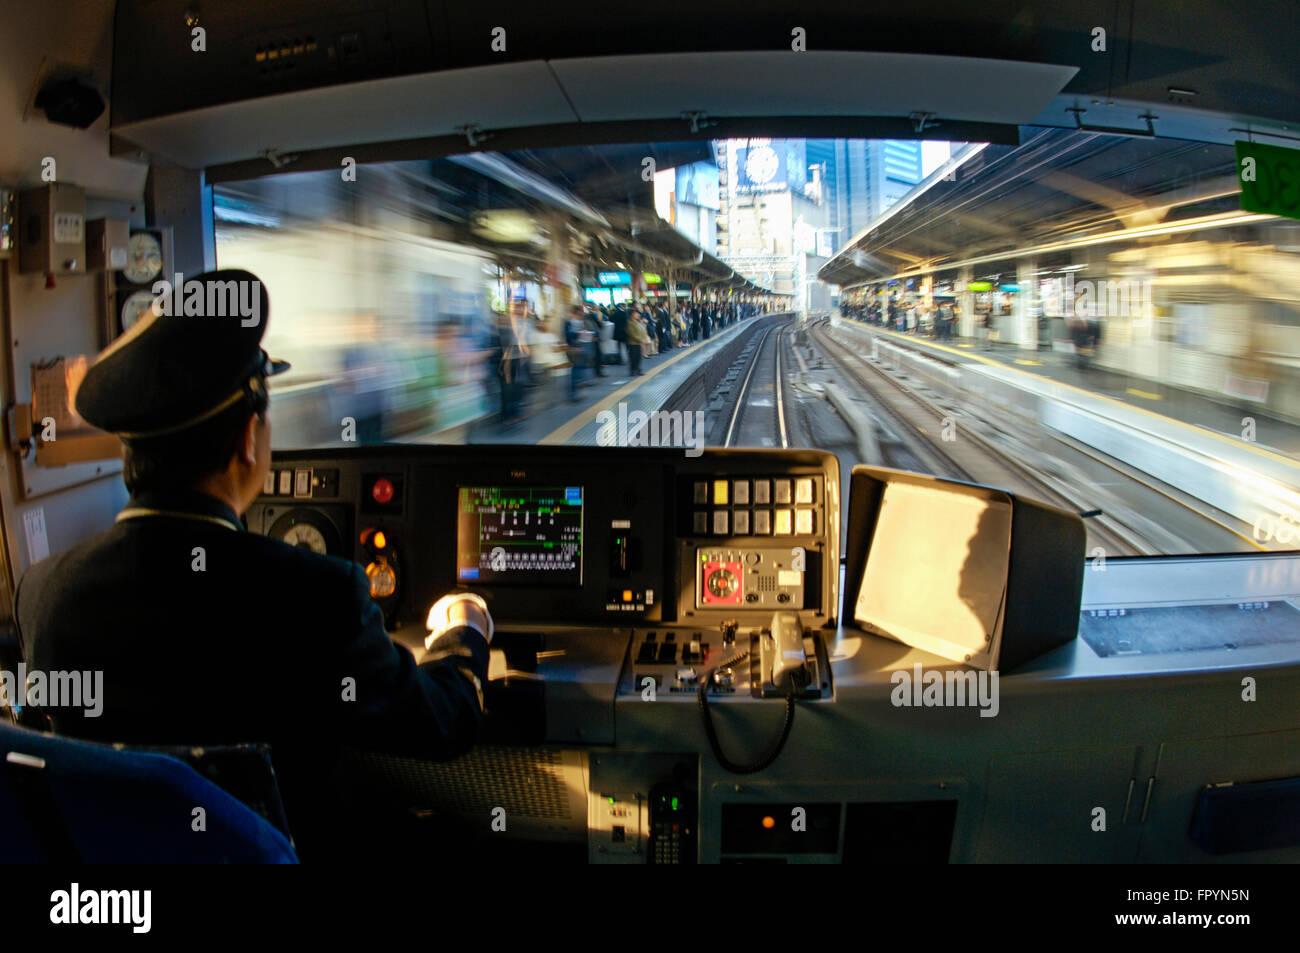 El tren JR Yamanote tirando hacia la estación en el centro de Tokio, Japón Foto de stock